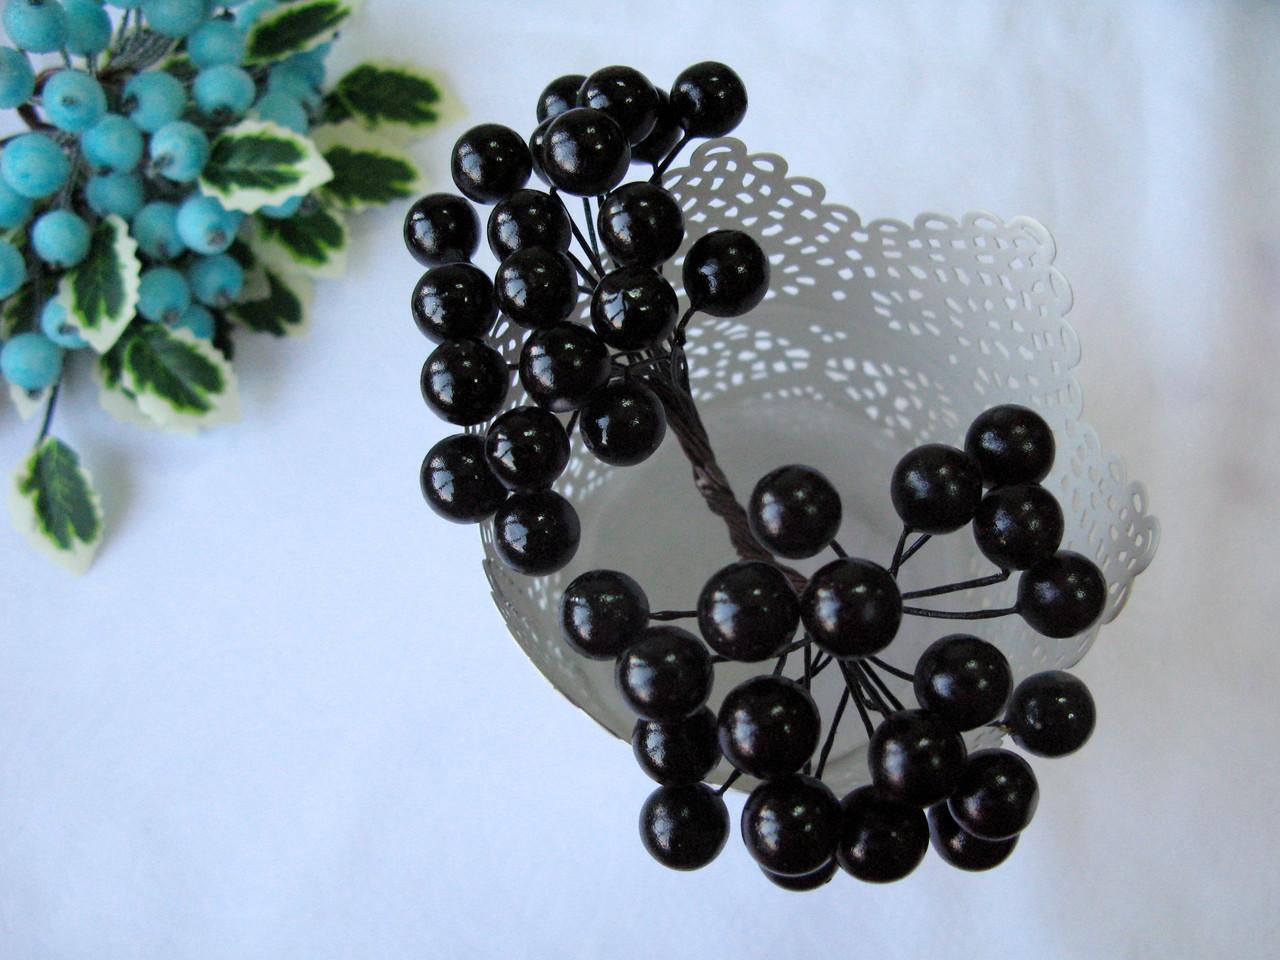 Ягоды гладкие 10 мм черные